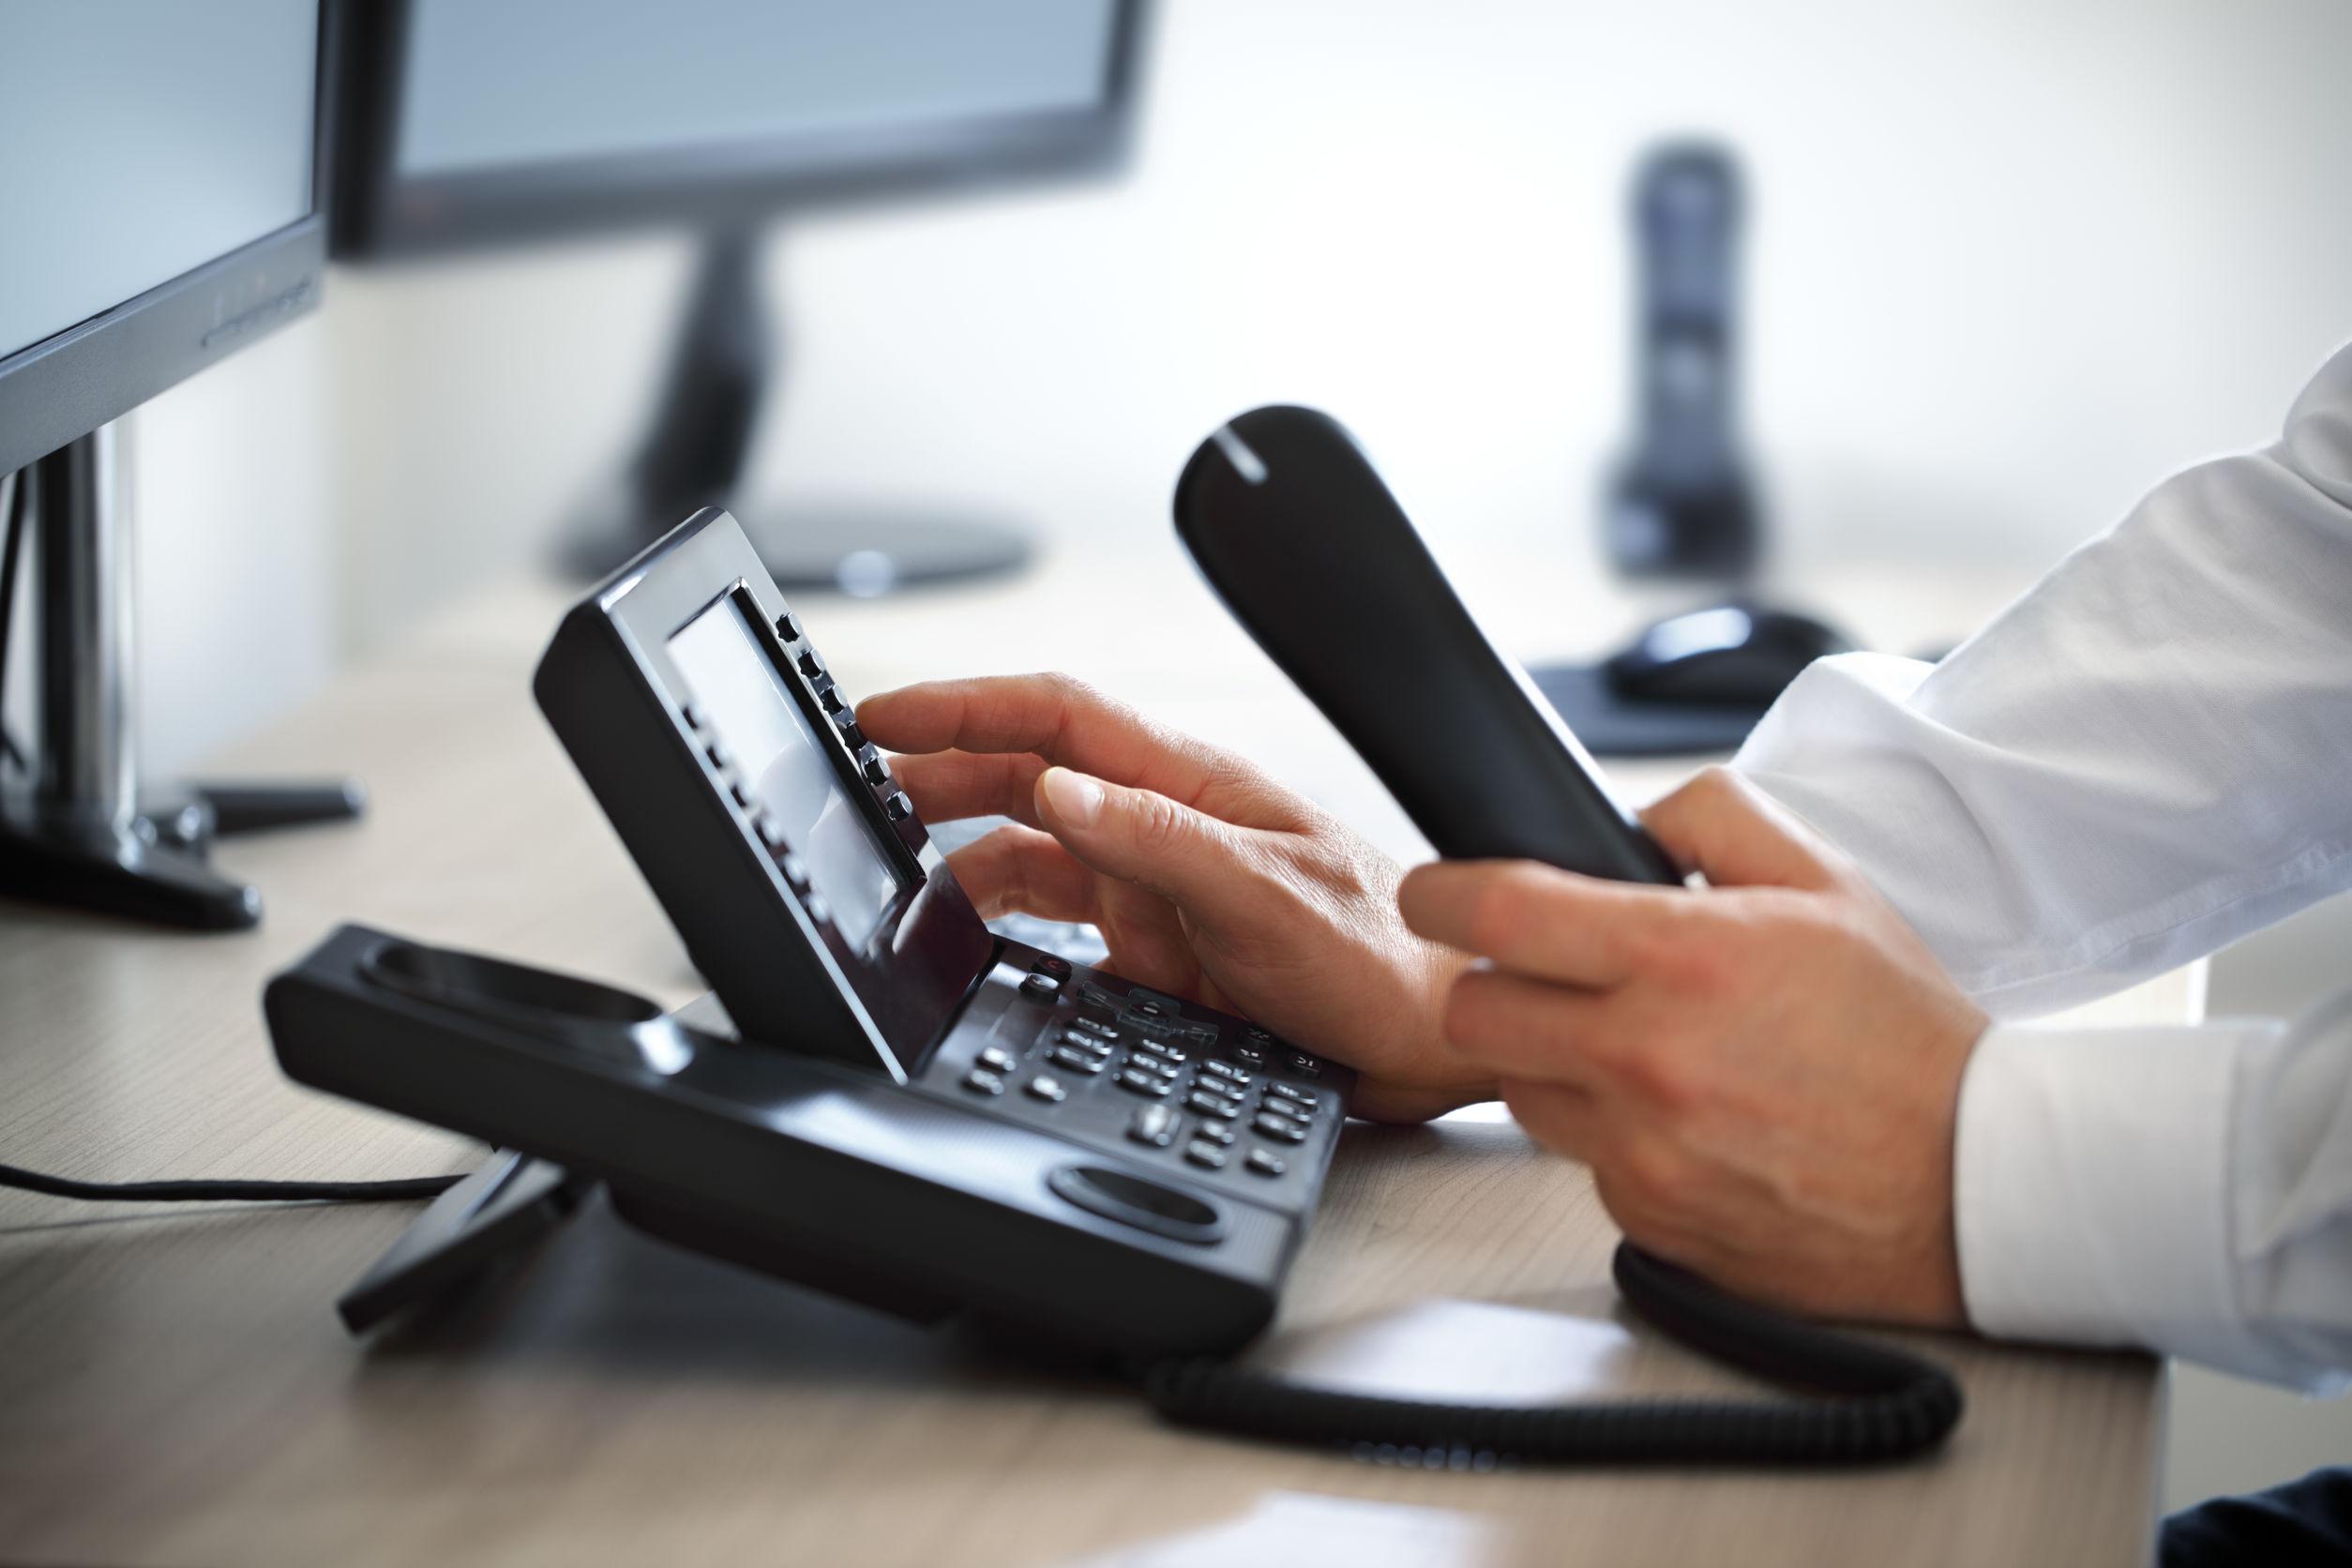 Dit zijn de 4 vergeten functionaliteiten van Hosted VoIP